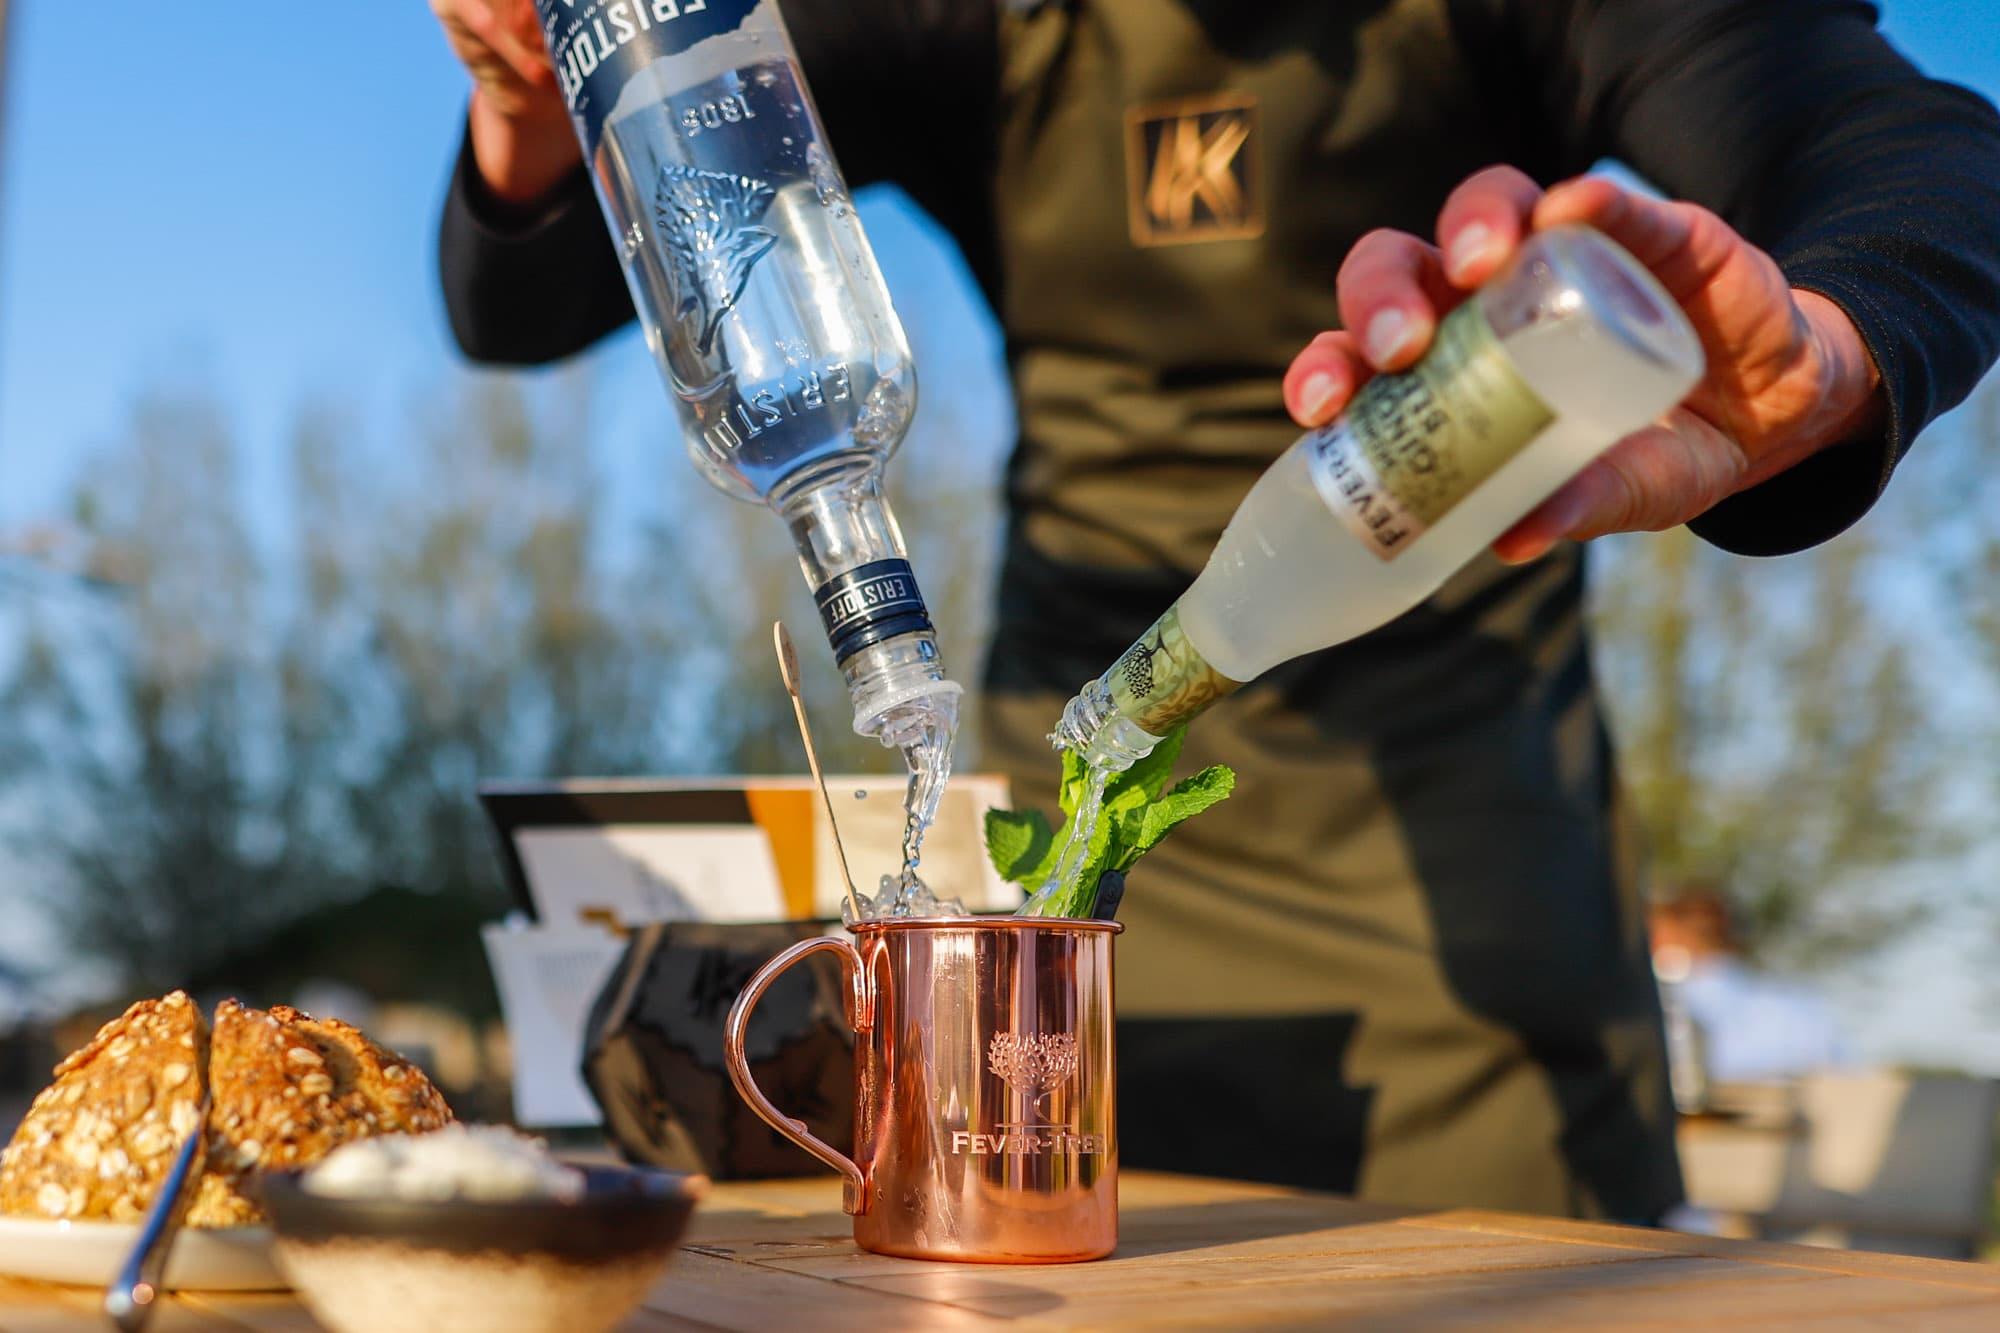 Restaurant Krelis Fever-Tree cocktail